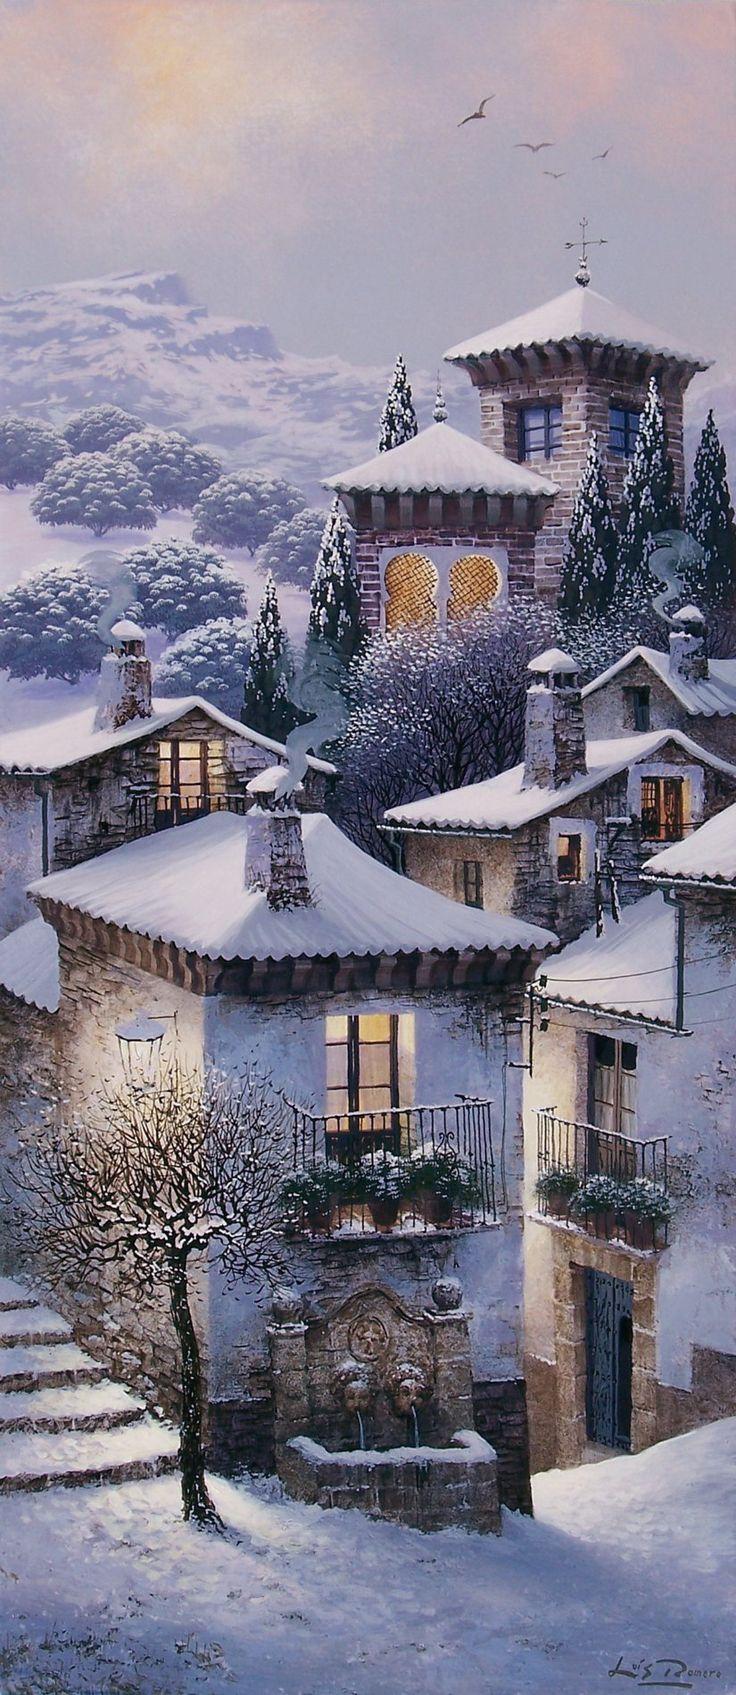 Snowy Spanish village. #winter wonderland